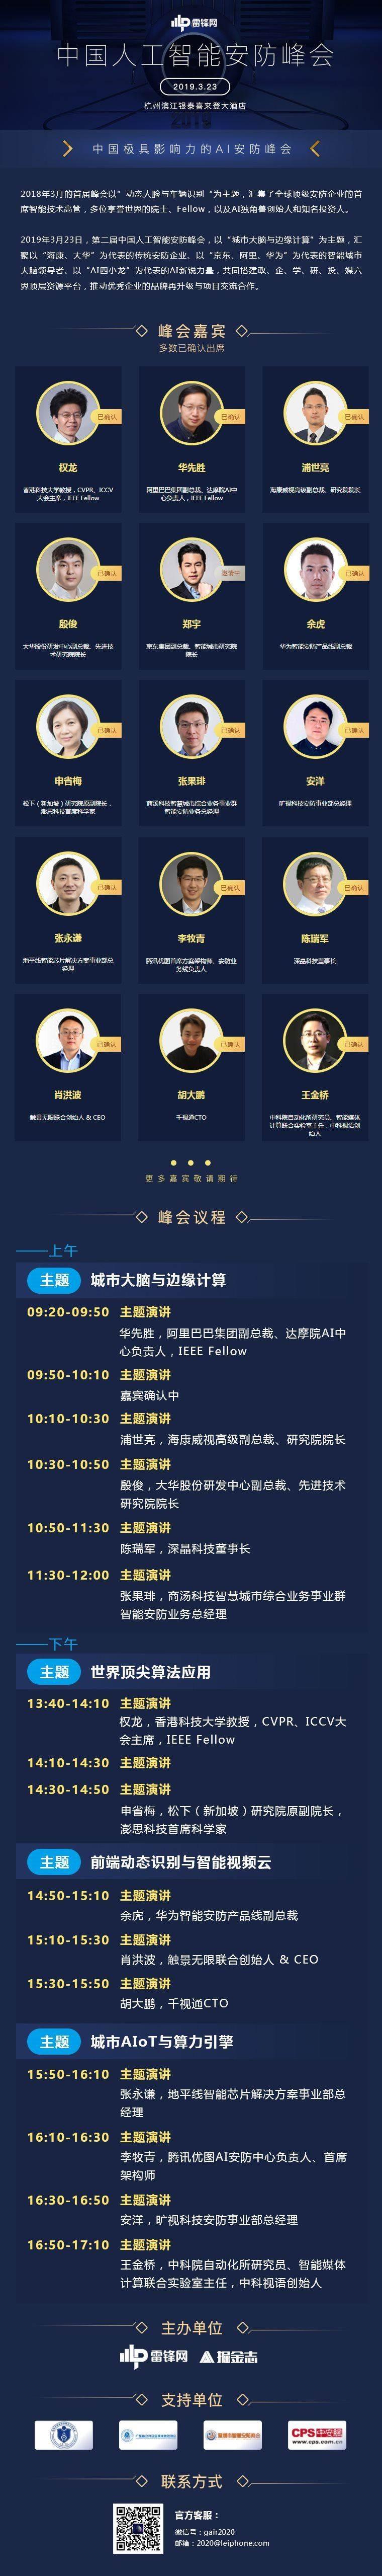 安防三方平台3.14.jpg